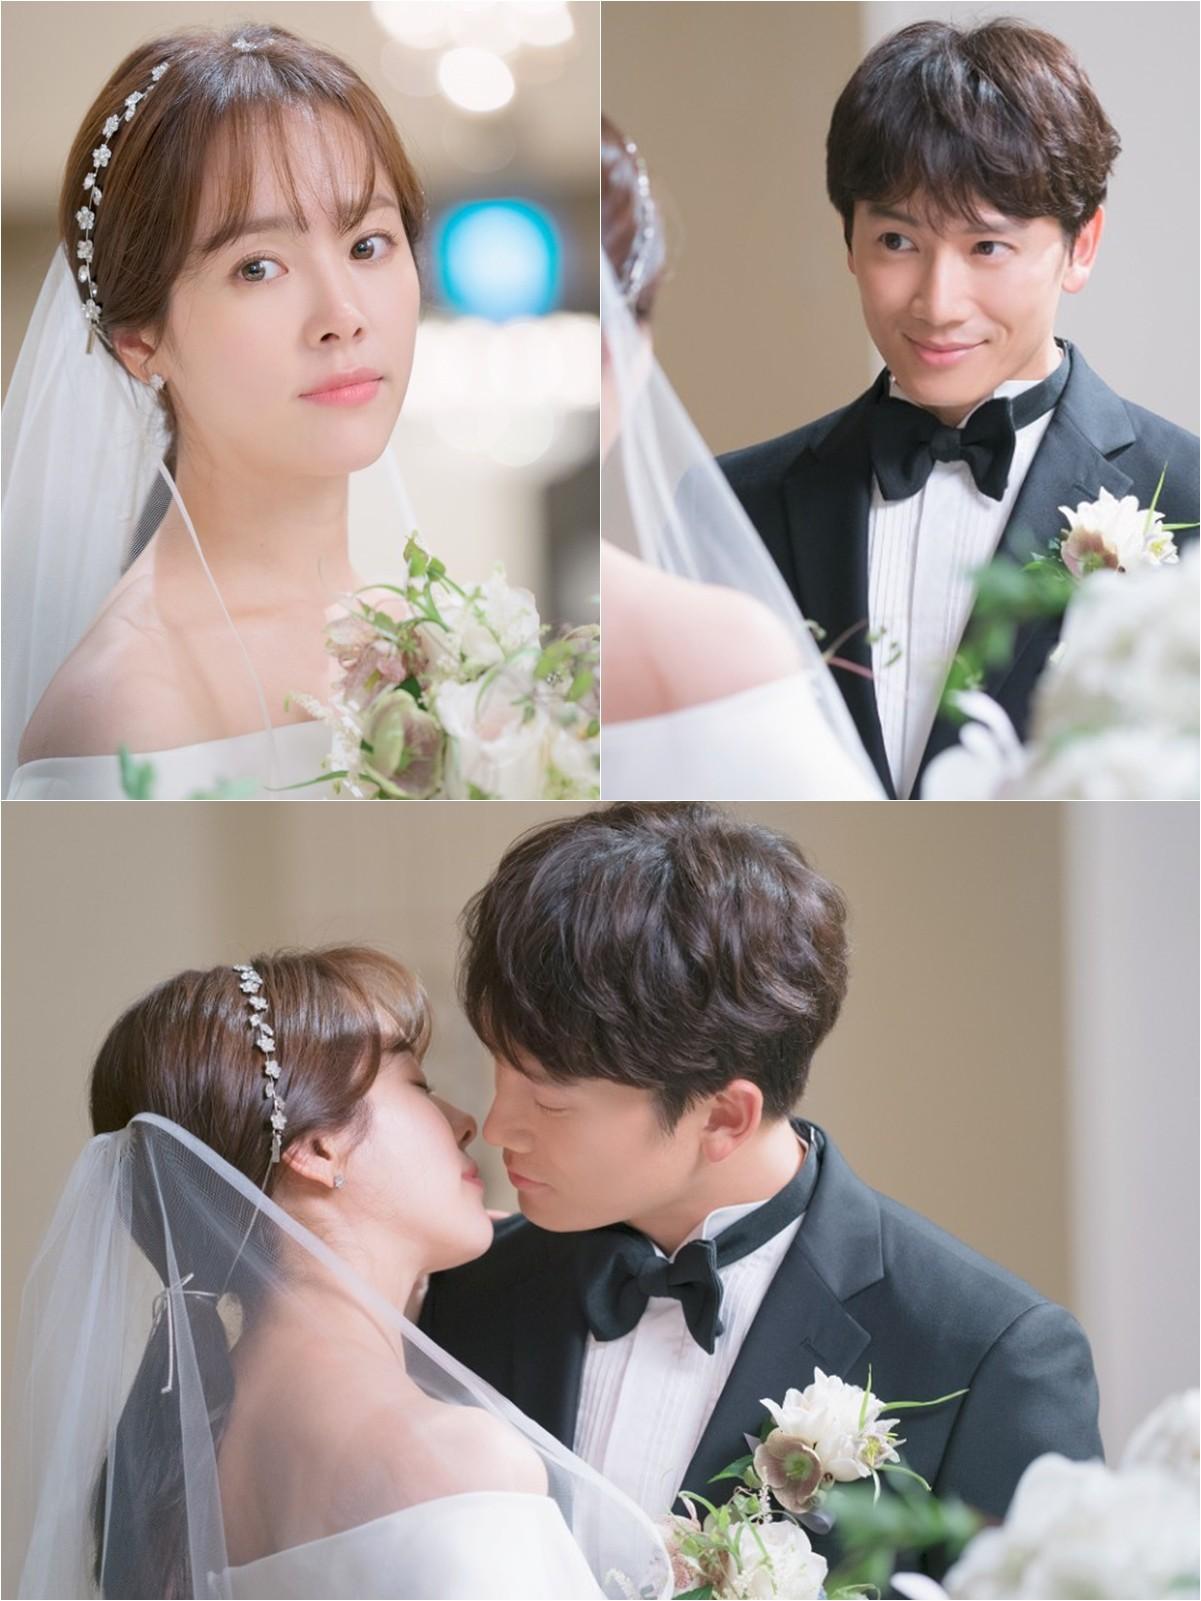 Phim Hàn Người Vợ Thân Quen: Khi bạn chán vợ một cái là được... đổi vợ mới luôn! - Ảnh 2.